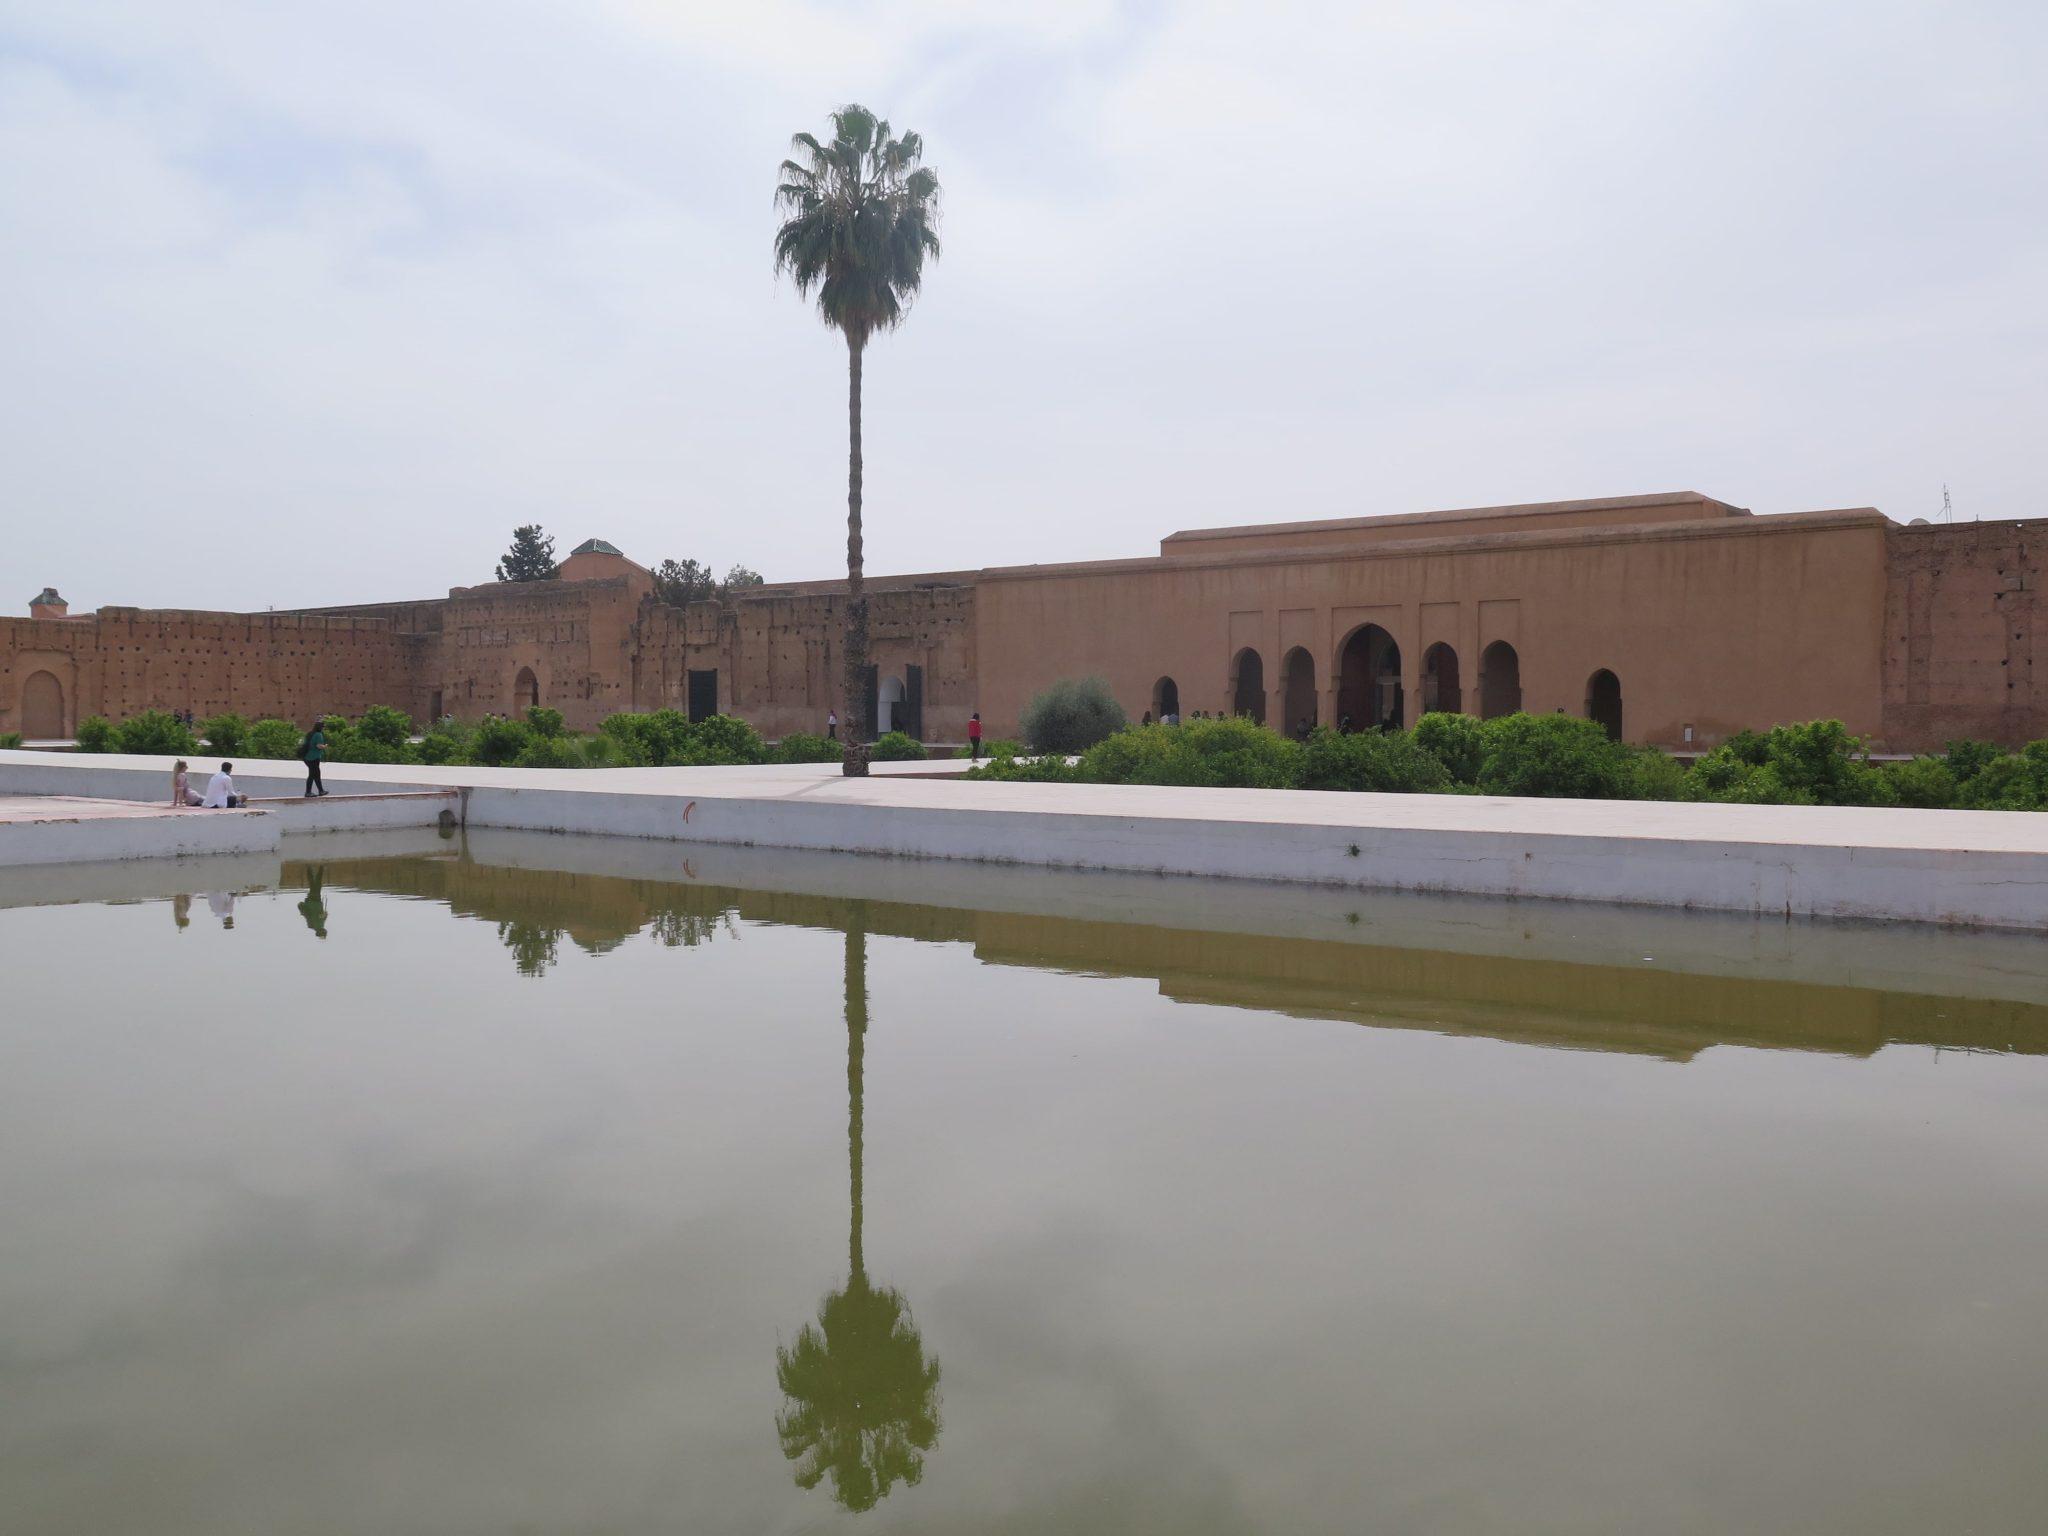 Visitas imprescindibles de Marrakech